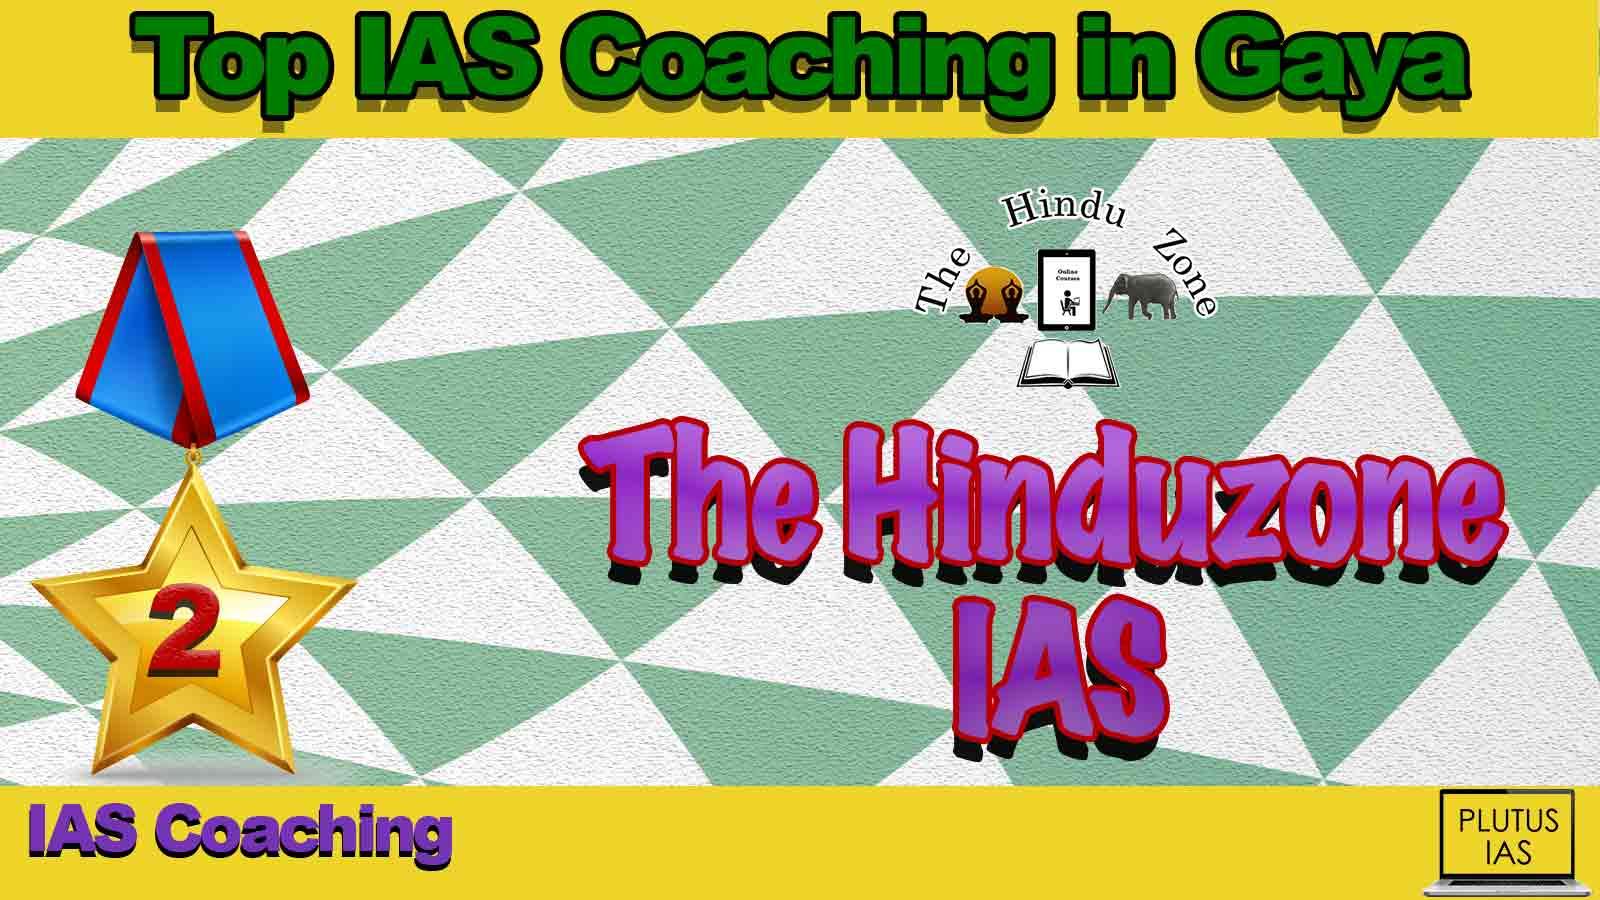 Top IAS Coaching in Gaya